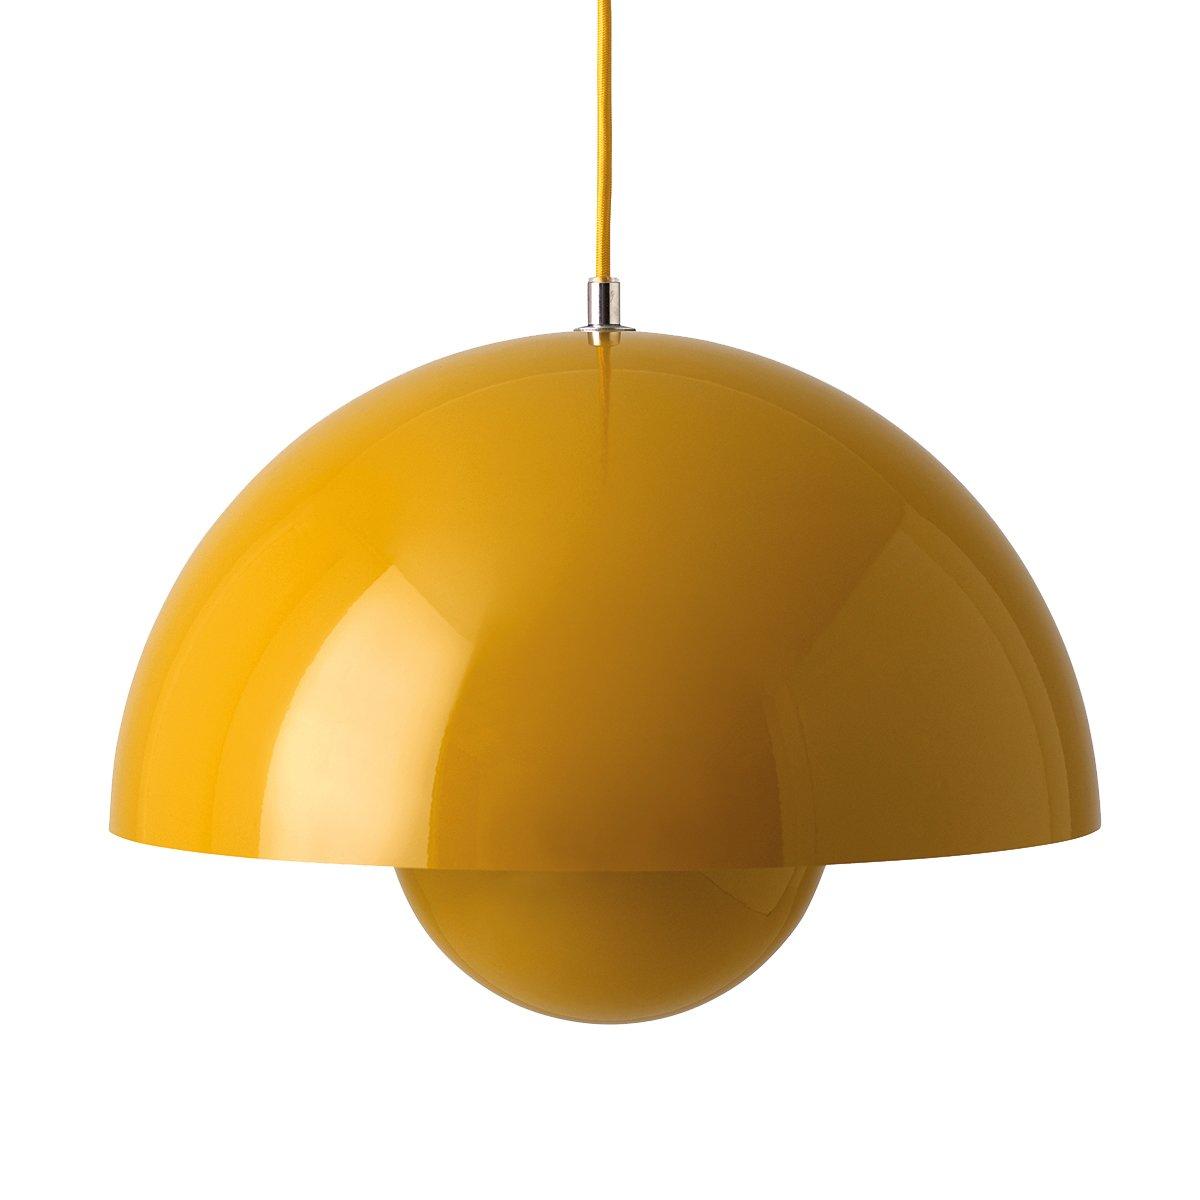 &Tradition Flowerpot VP7 Hanglamp - Mosterd